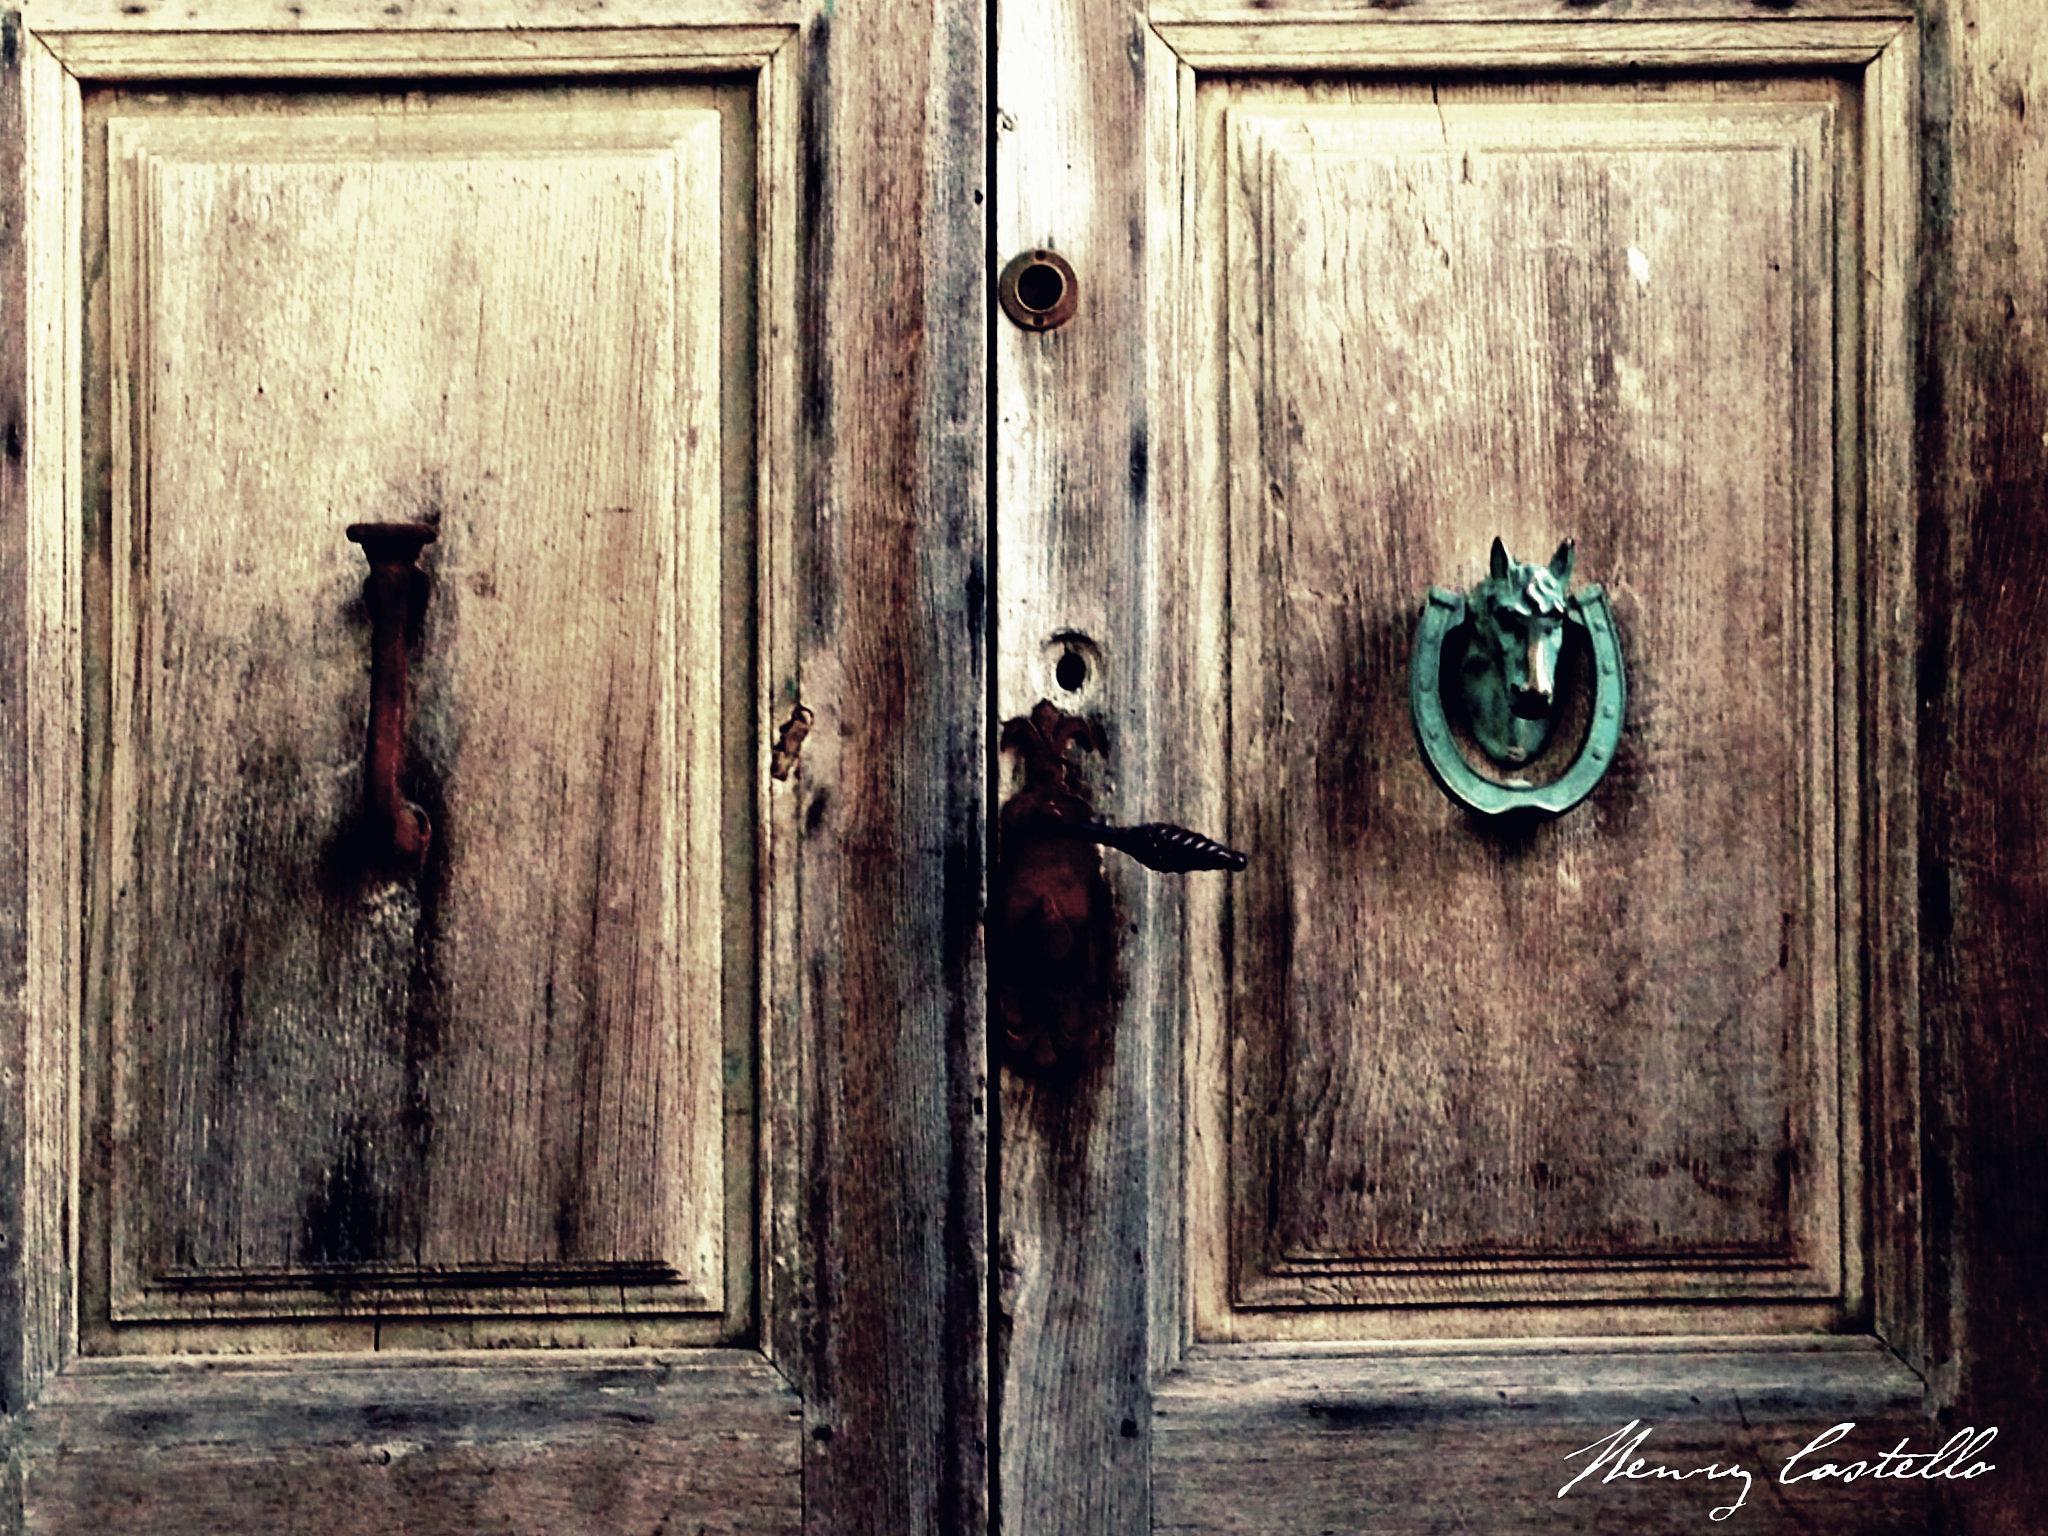 Une porte bien travallèe a l'ancienne. by henry castello